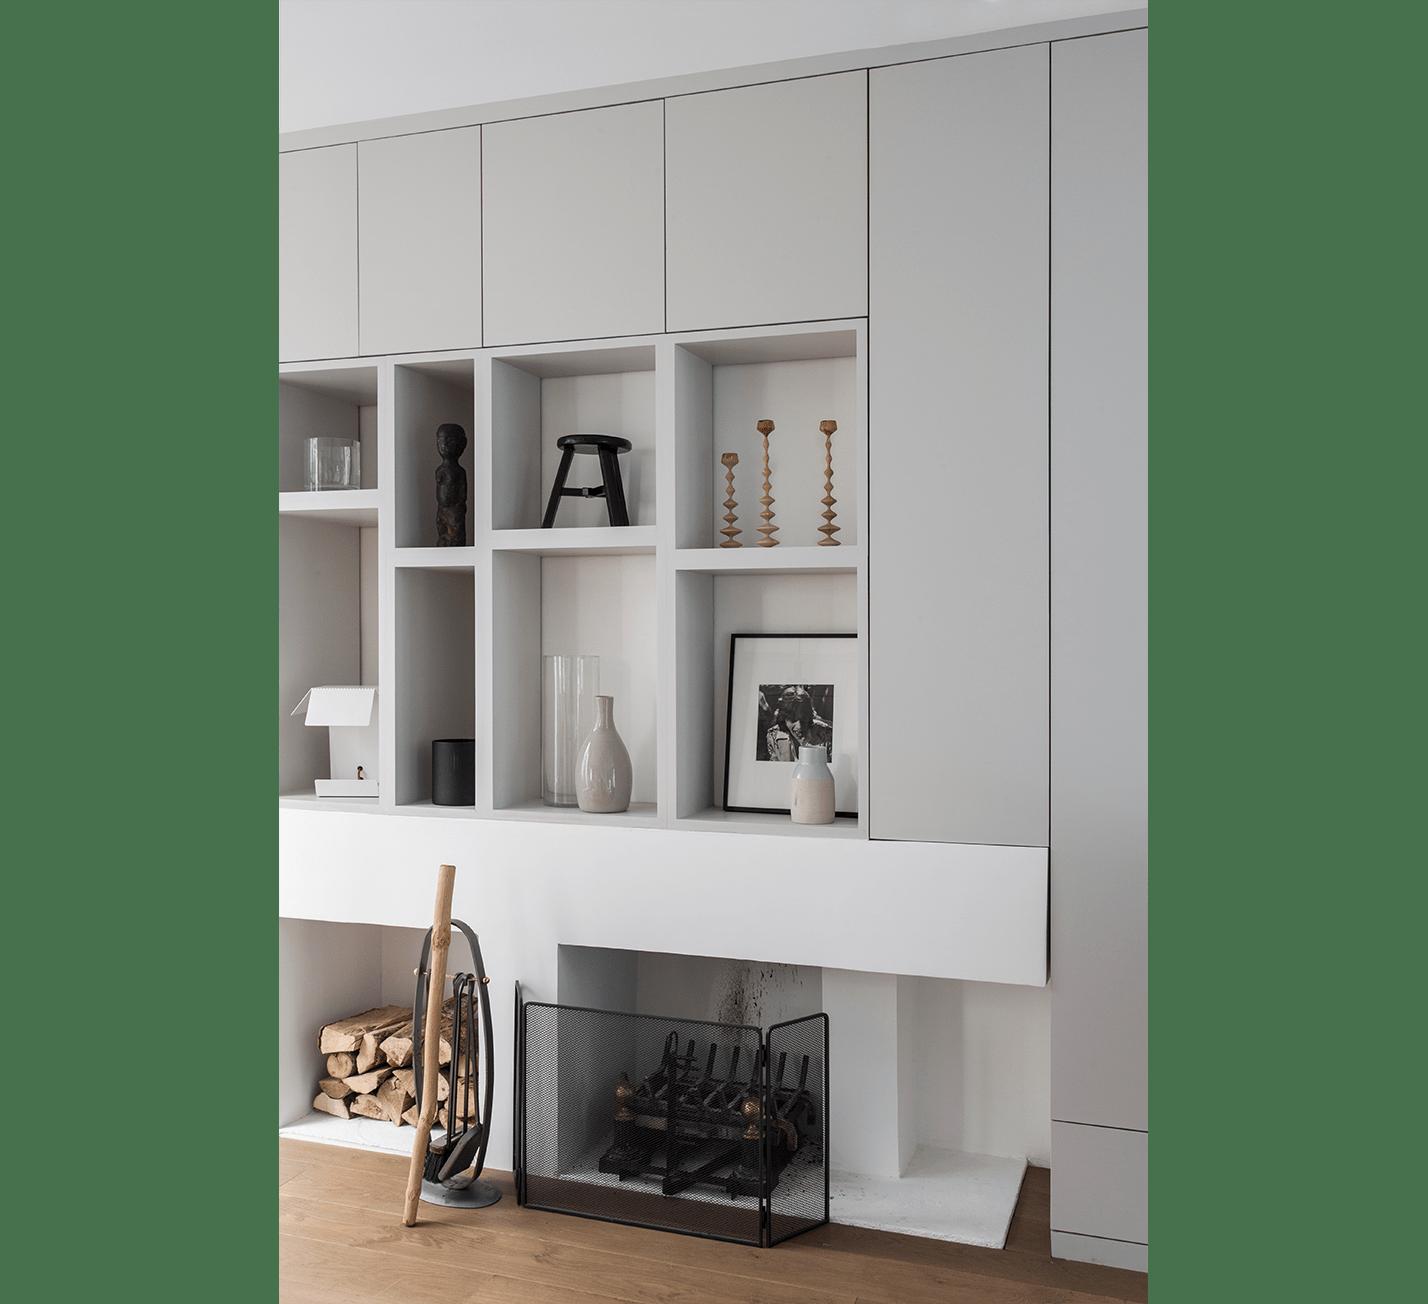 Projet-Square-Chaure-Atelier-Steve-Pauline-Borgia-Architecture-interieur-11-min